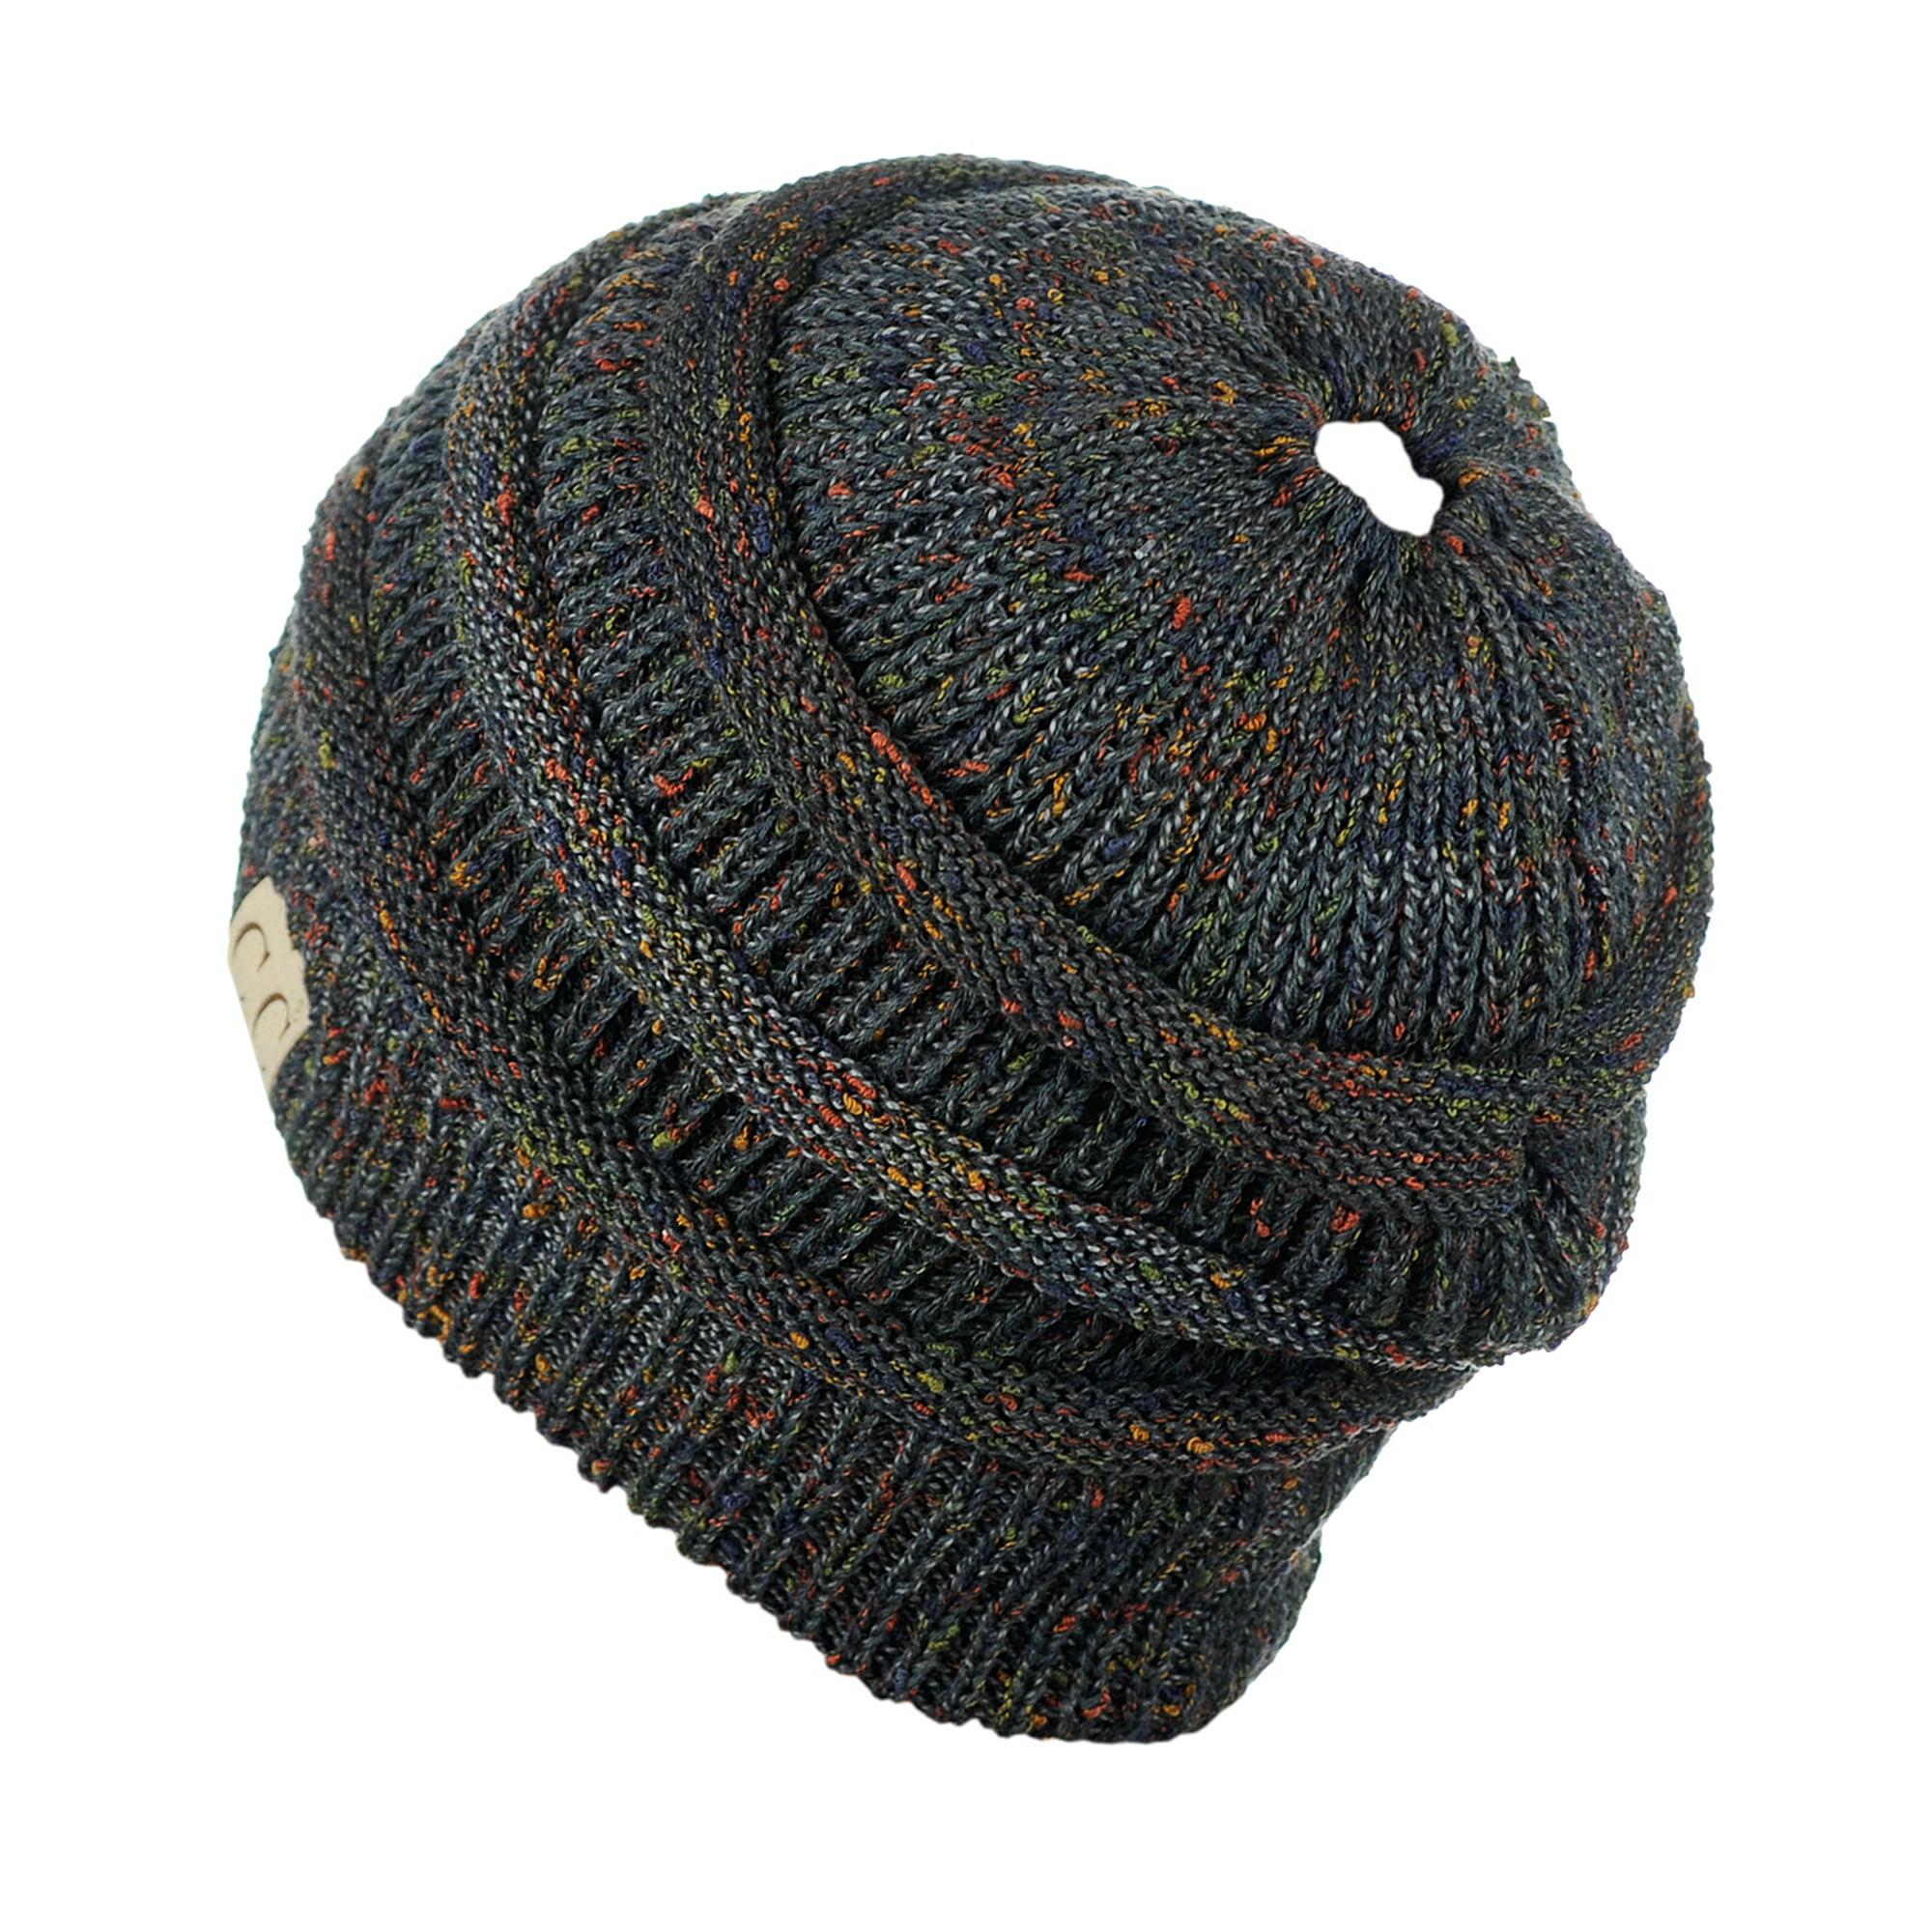 b19f5435687fe C.C BeanieTail Cotton Blend All Season Daily Messy High Bun Ponytail Beanie  Hat, Confetti Rust | Walmart Canada